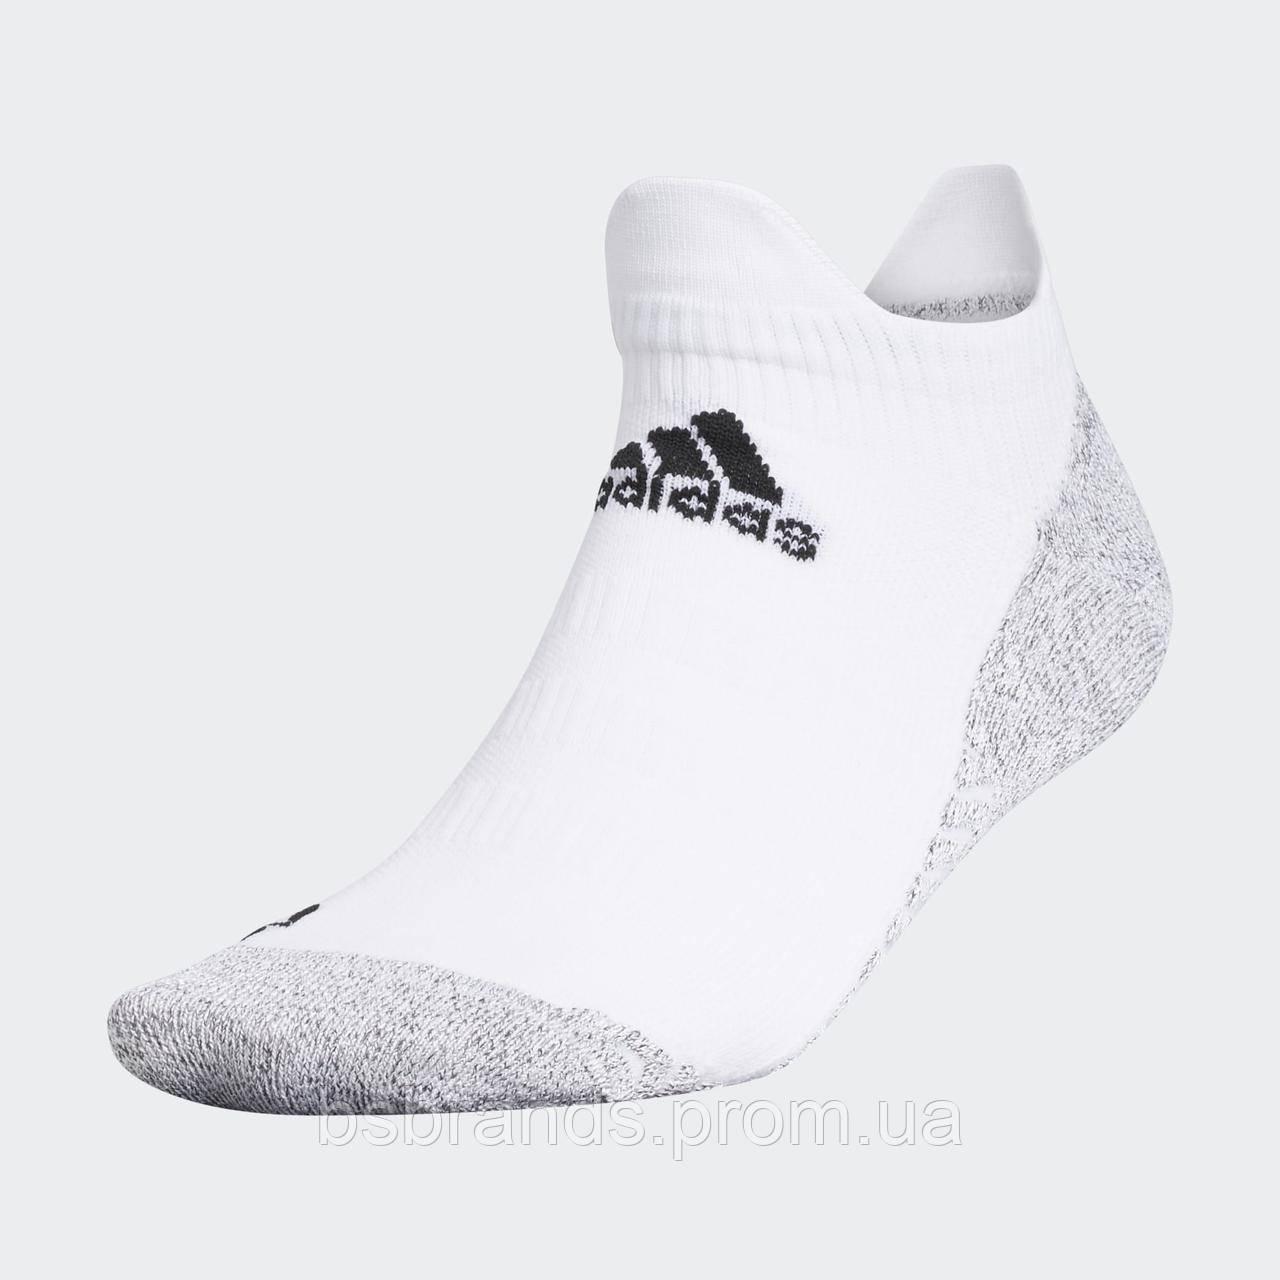 Спортивные носки Adidas Alphaskin Traxion Low FK0960 (2020/1)